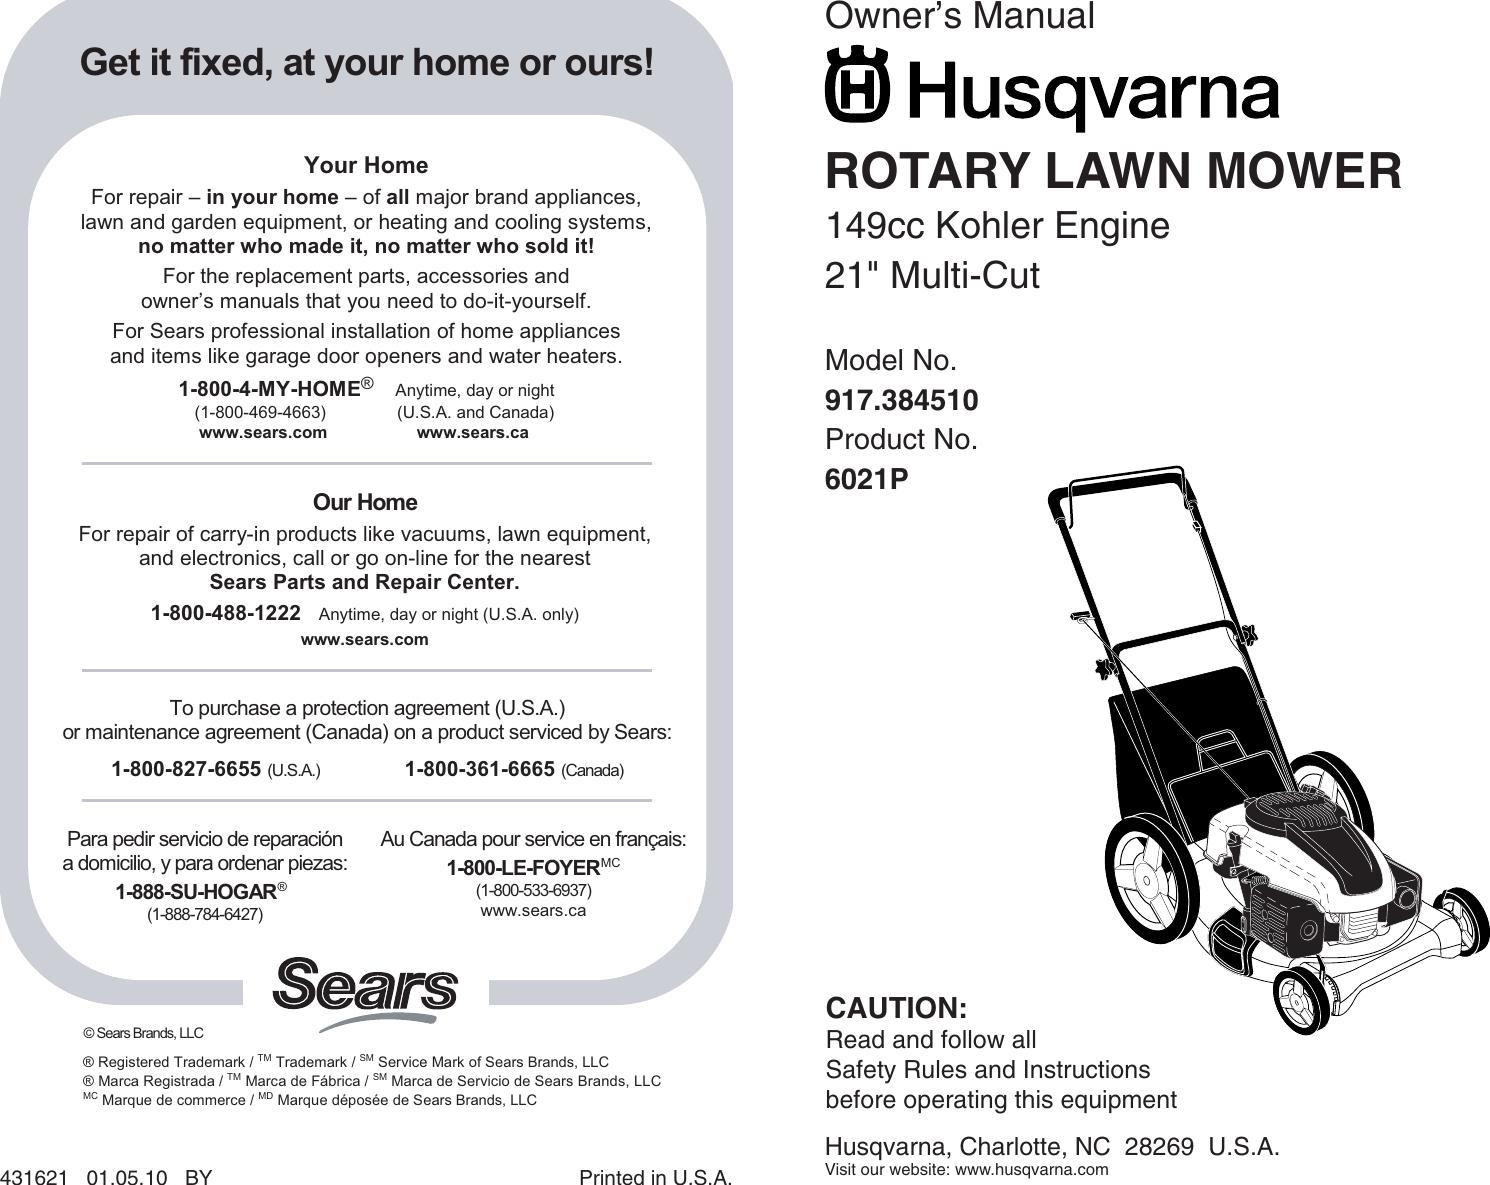 Husqvarna 917 38451 Users Manual OM, 6021P, 2010 01, LAWN MOWERS